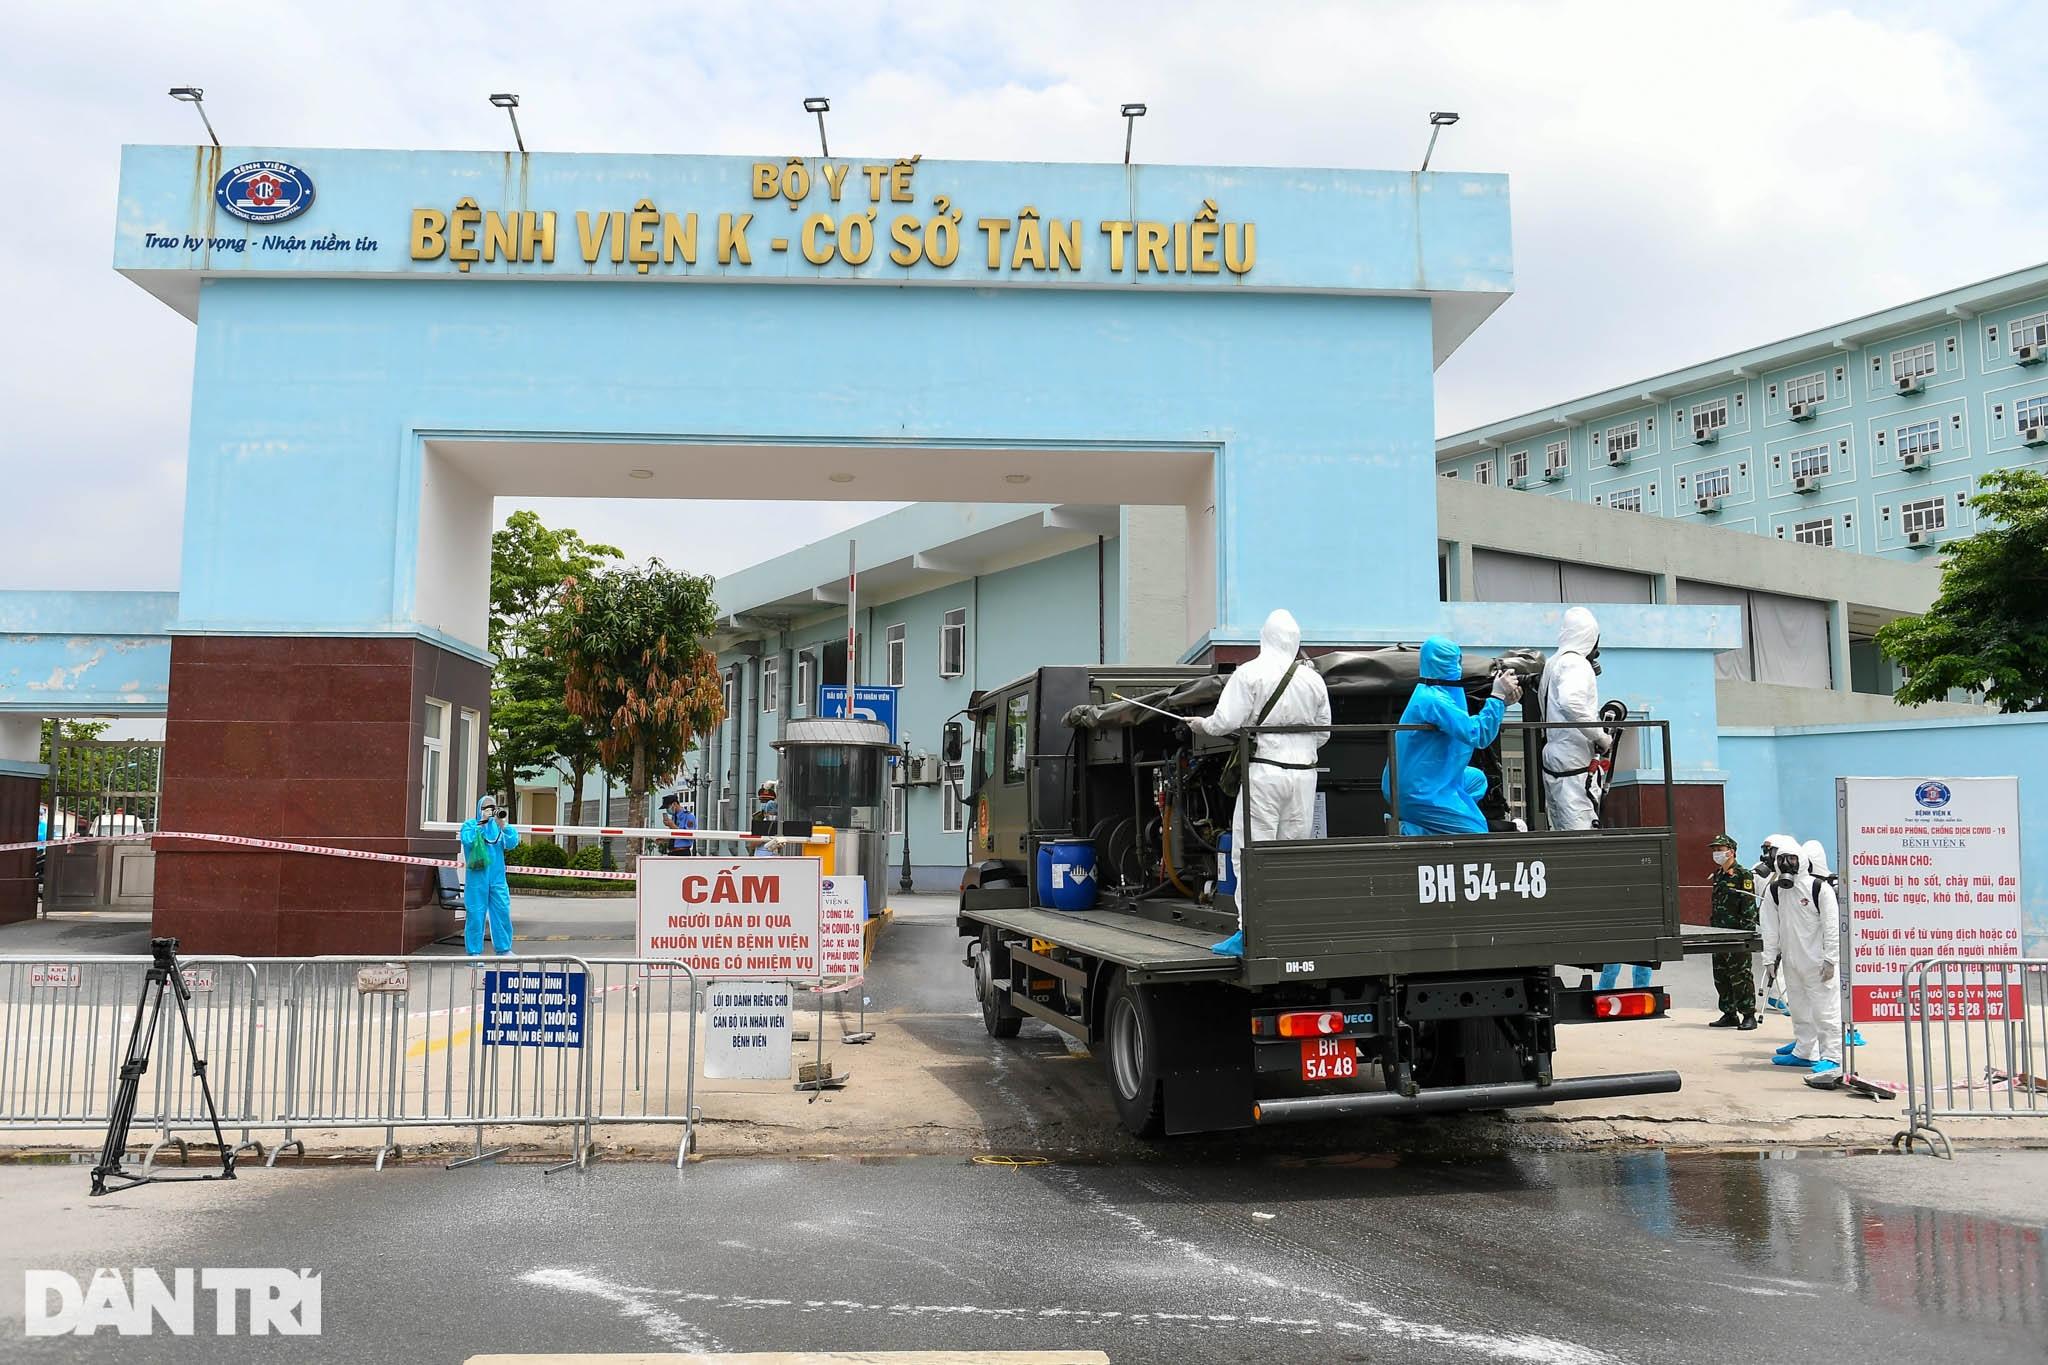 Khẩn cấp phun khử khuẩn, tiêu độc toàn bộ Bệnh viện K cơ sở Tân Triều - 2